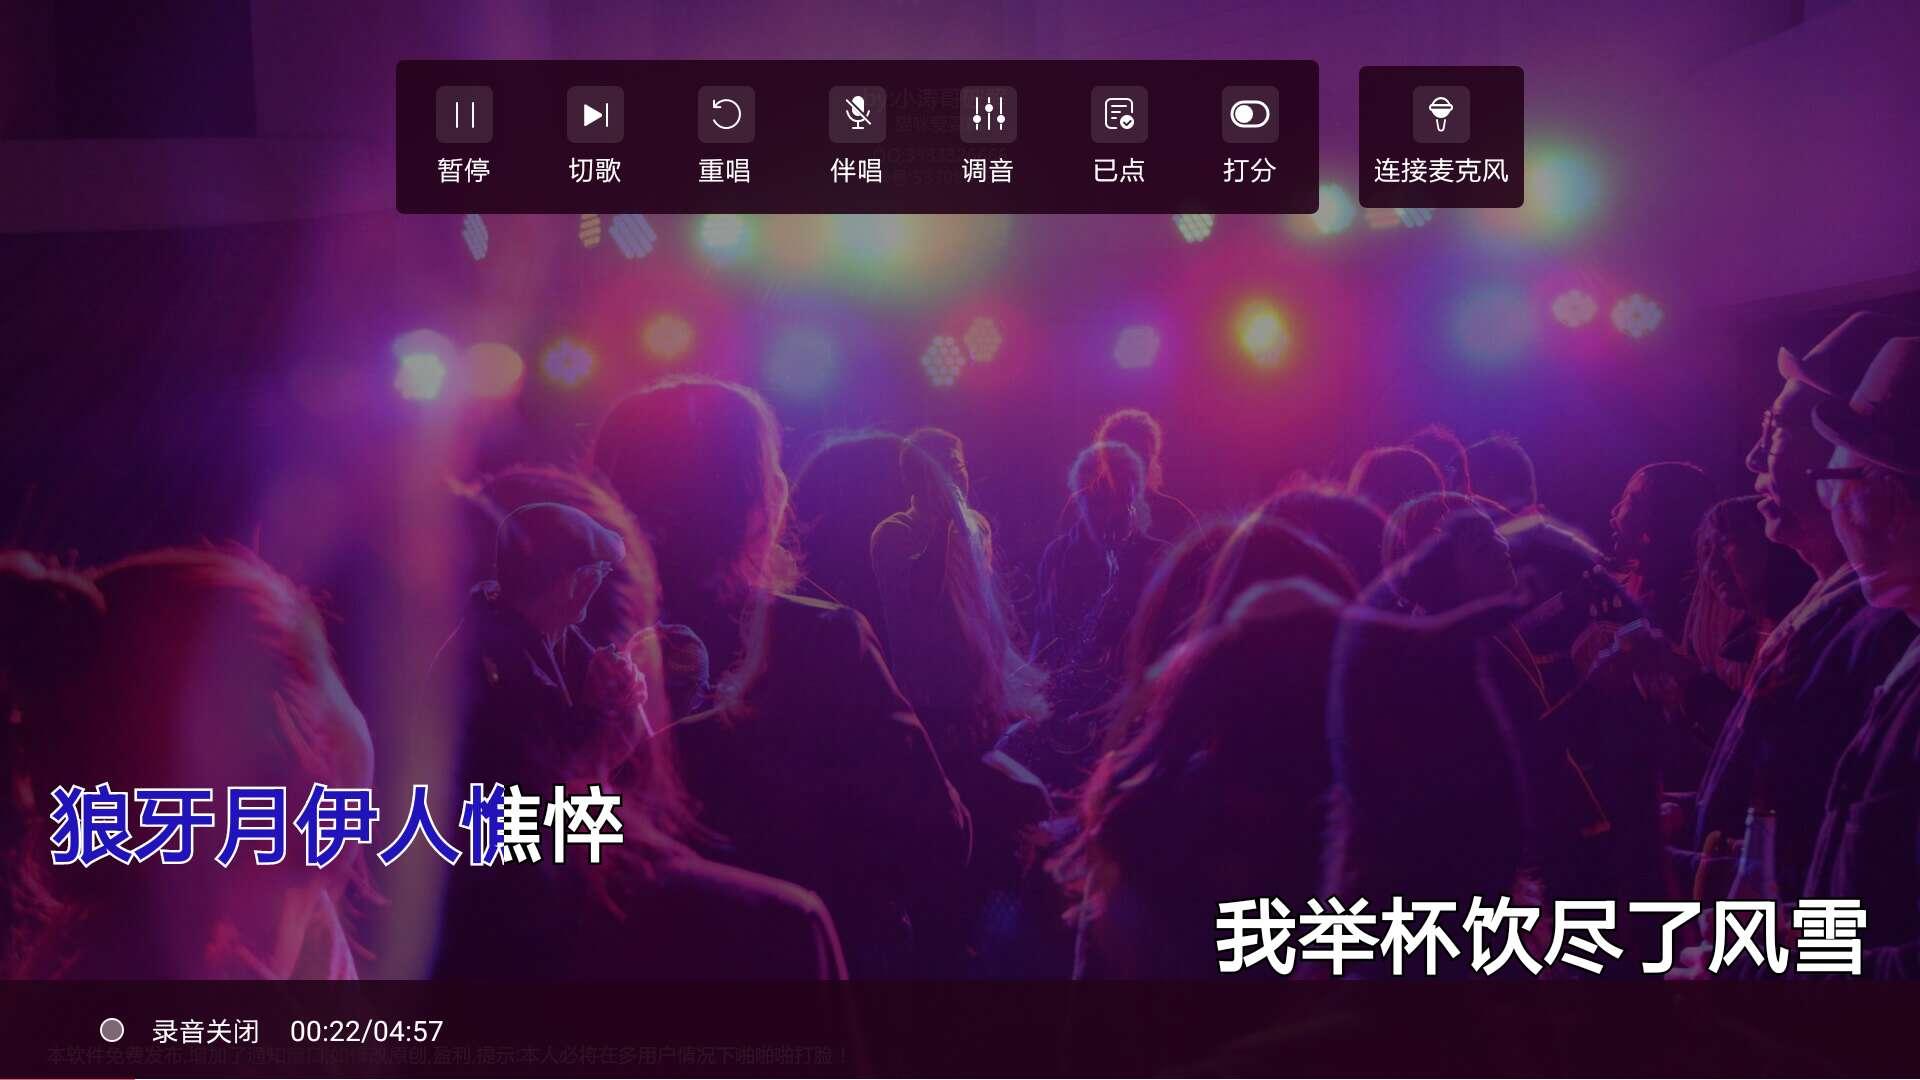 唱吧TV版 1.3.0会员版 无限制使用,打造你的家庭KTV-第5张图片-分享者 - 优质精品软件、互联网资源分享